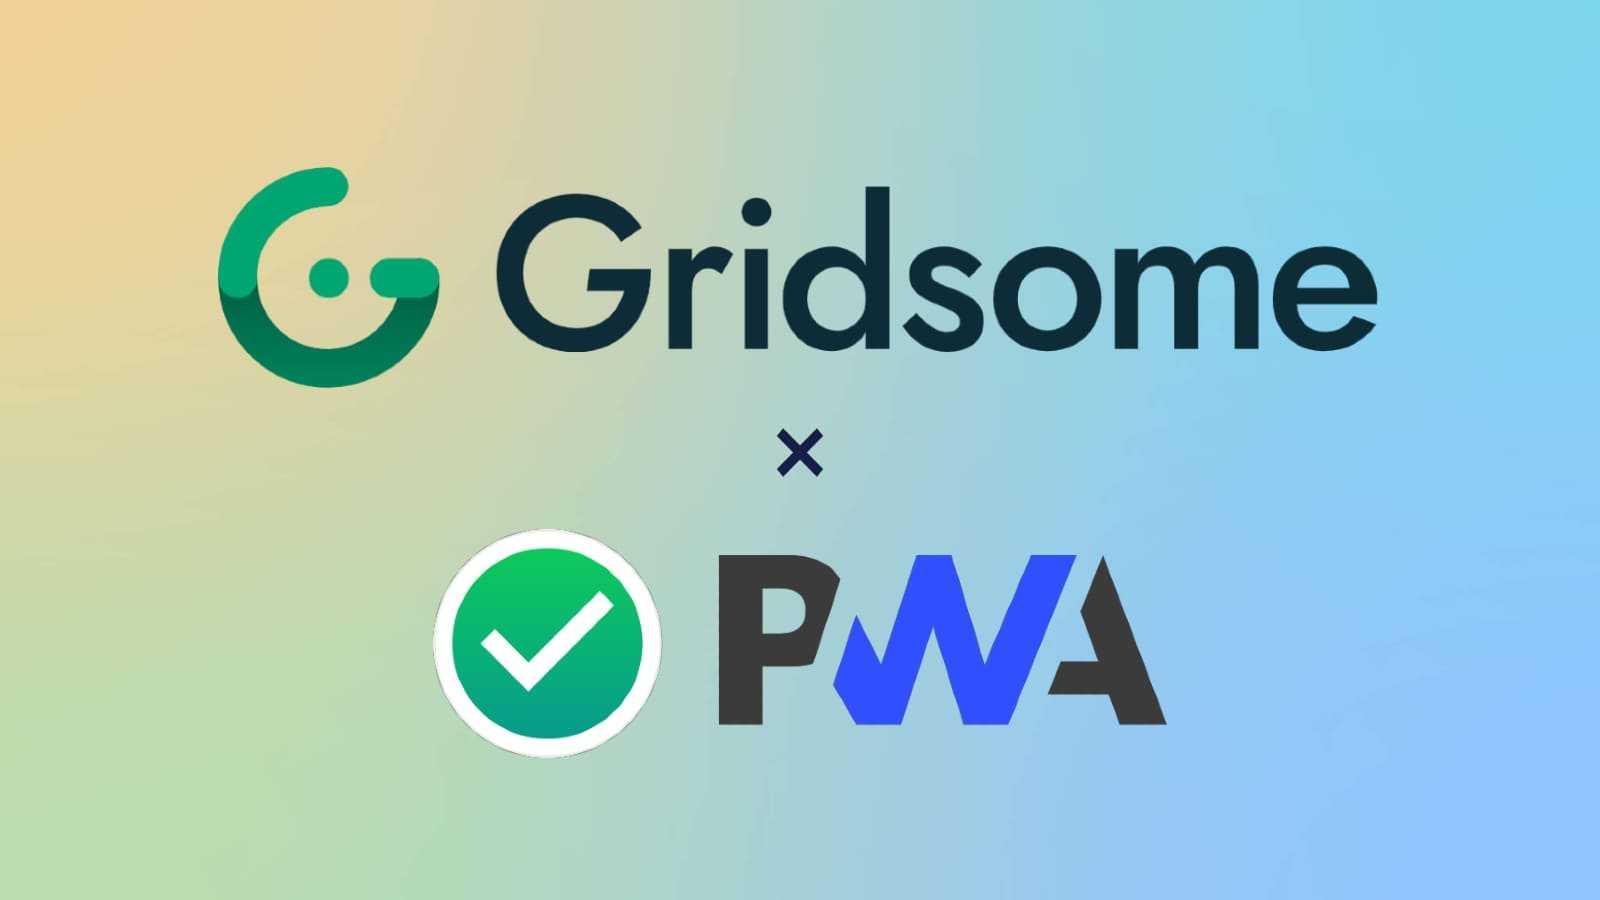 GridsomeにPWAを導入する方法